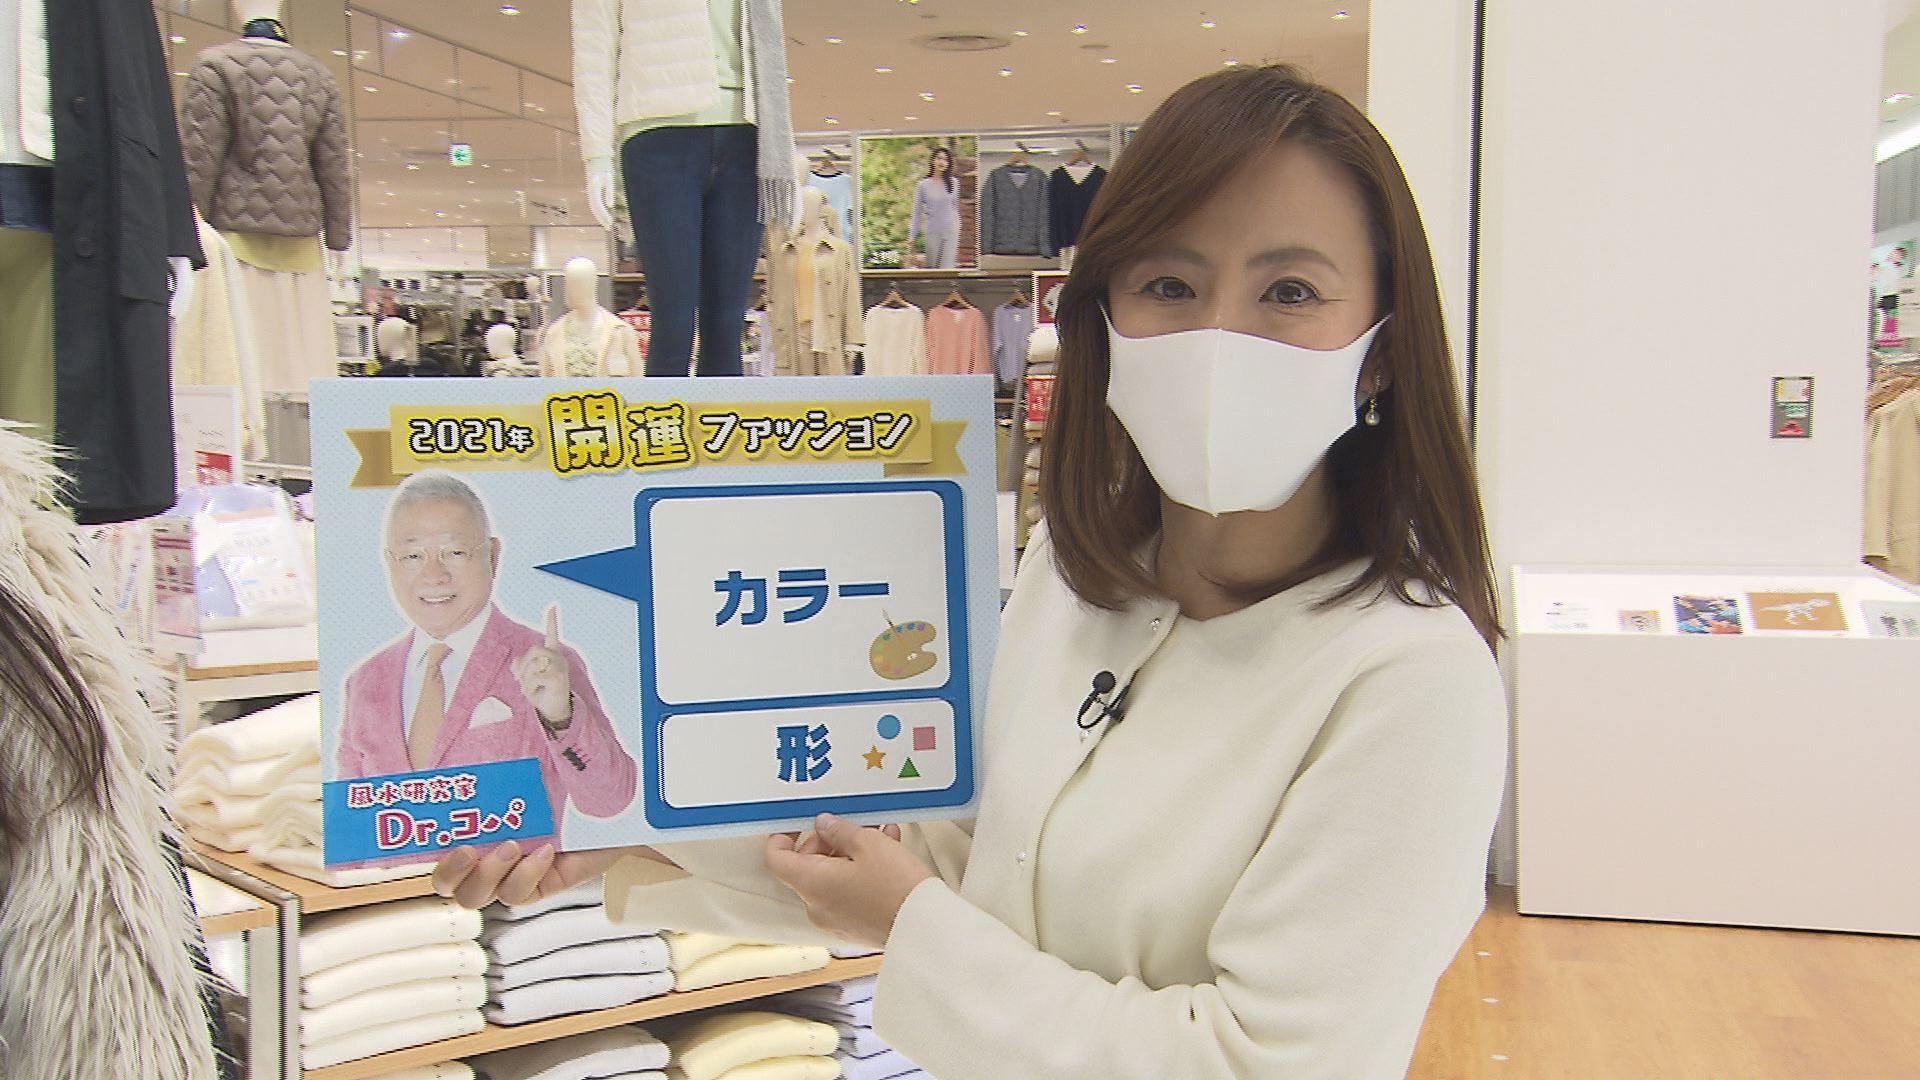 渡辺アナウンサー